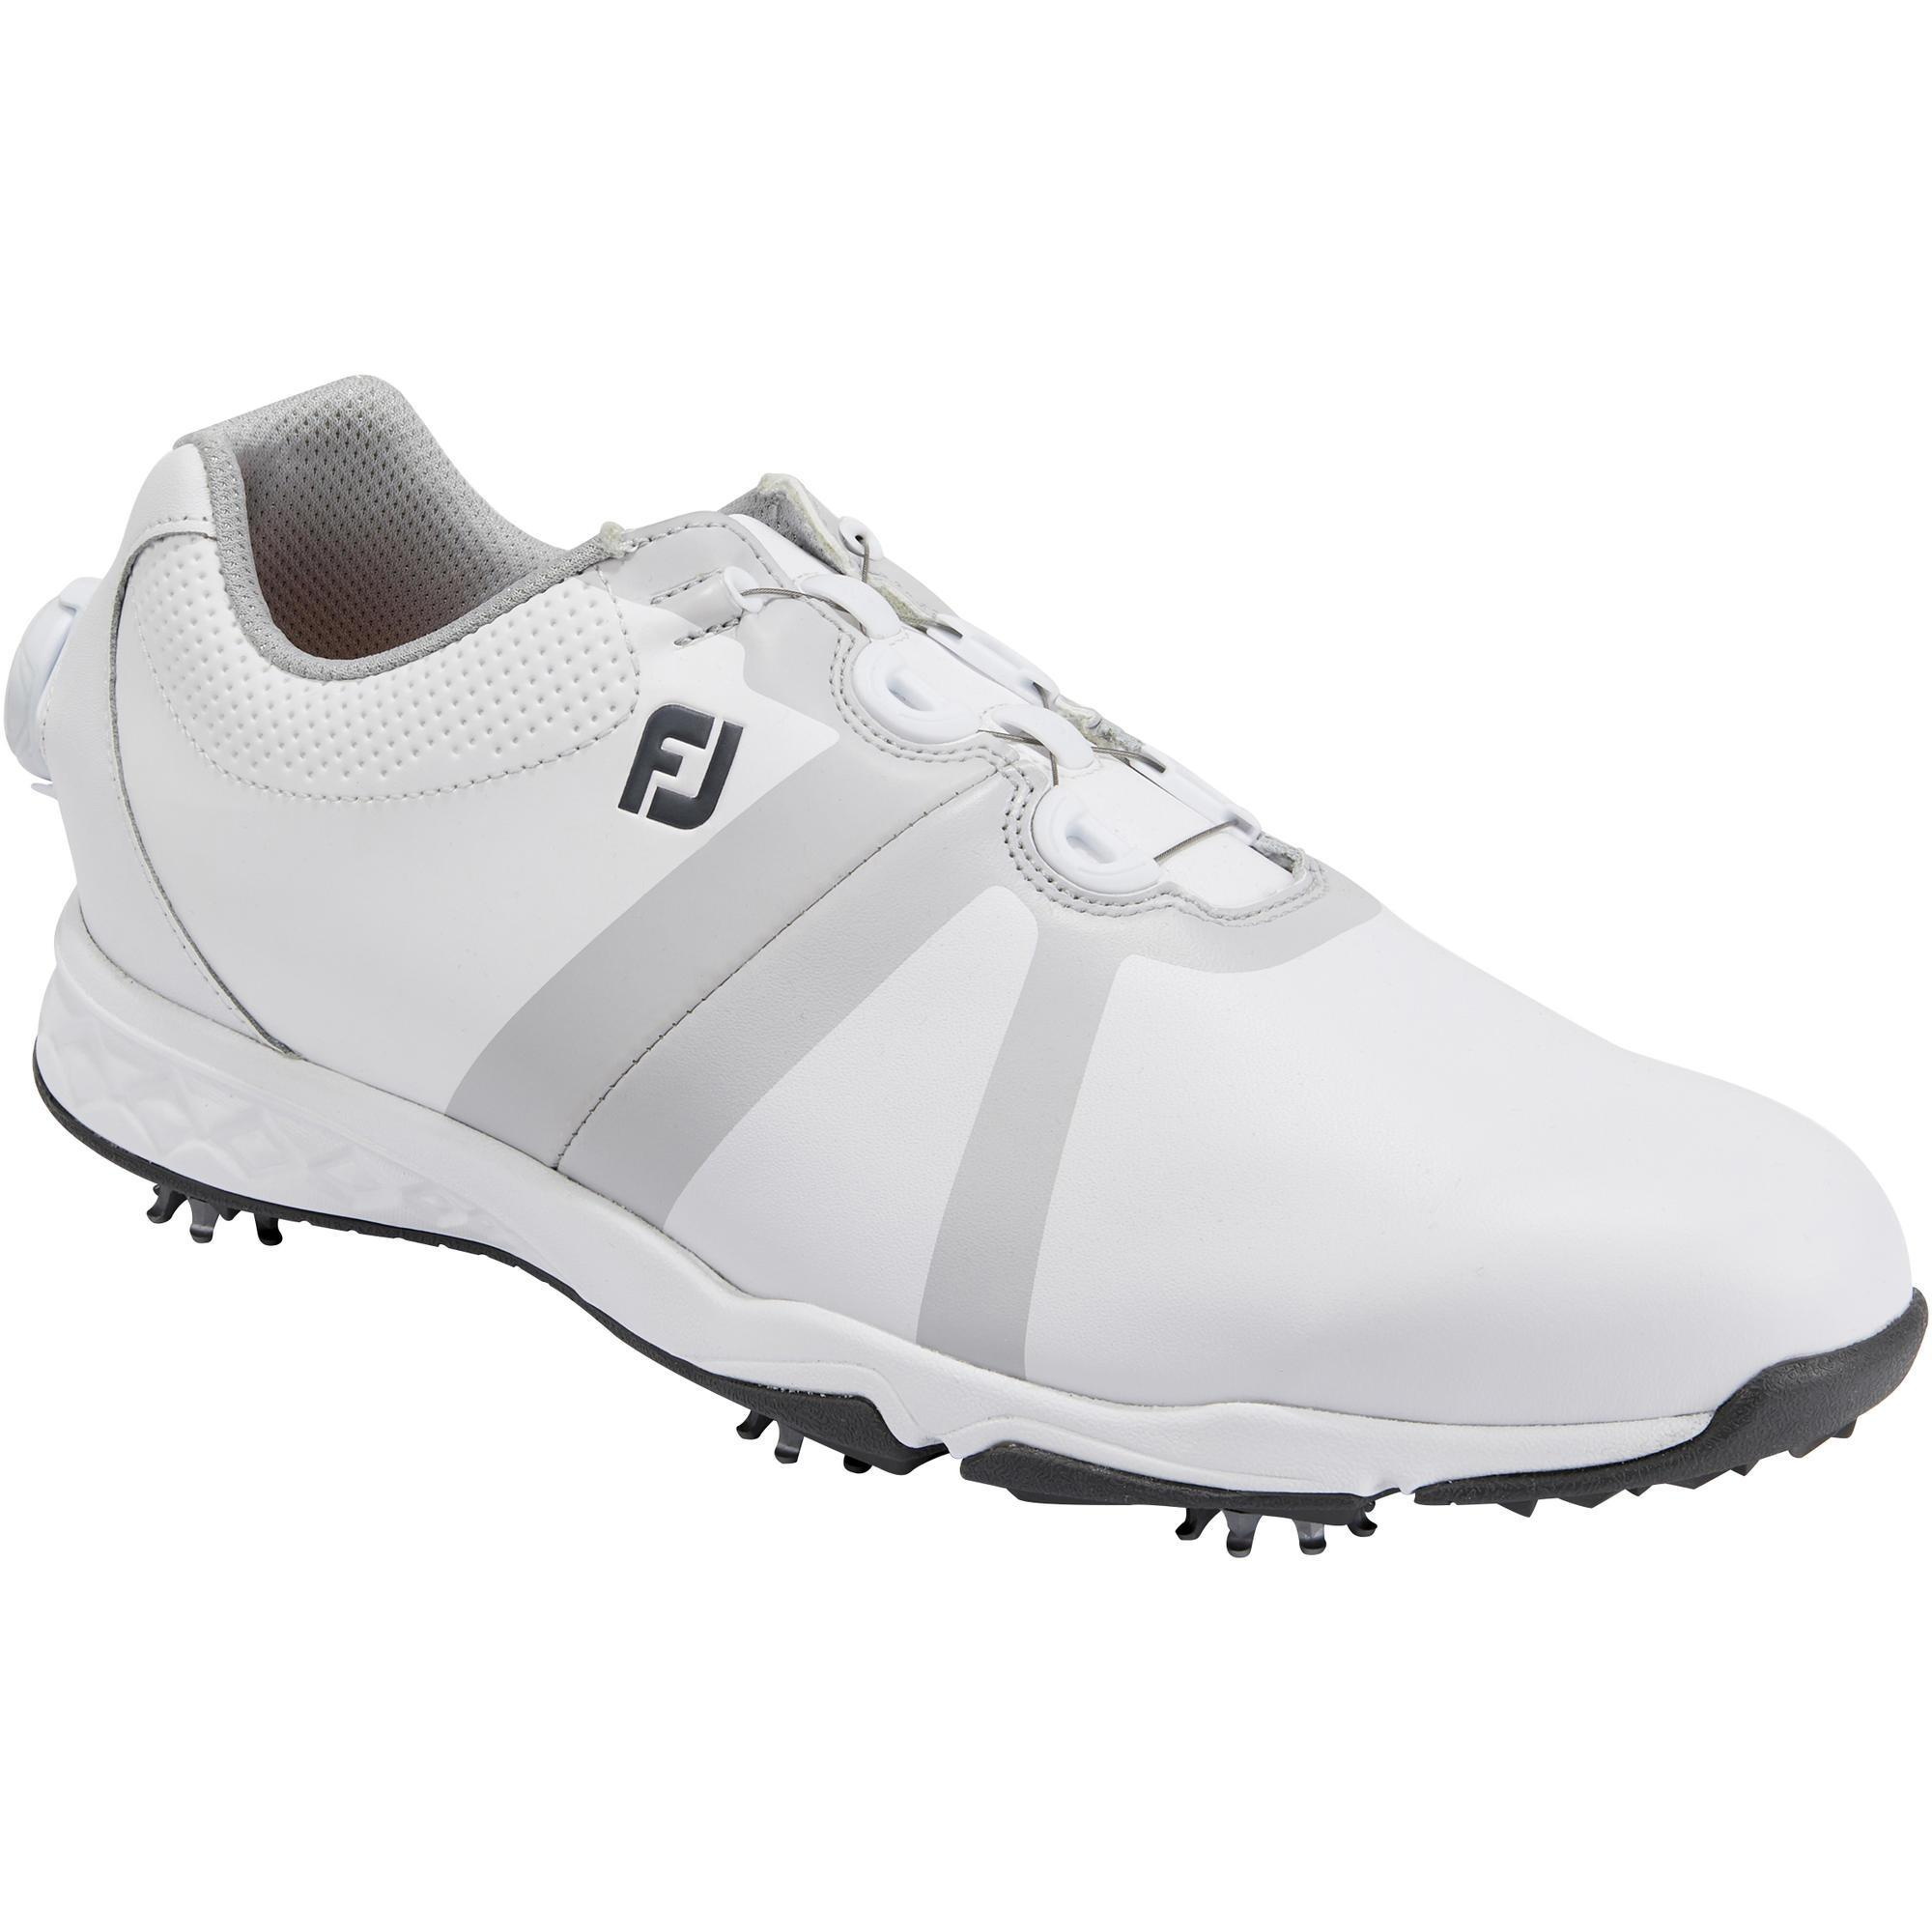 Footjoy Golfschoenen Energize Boa voor heren wit